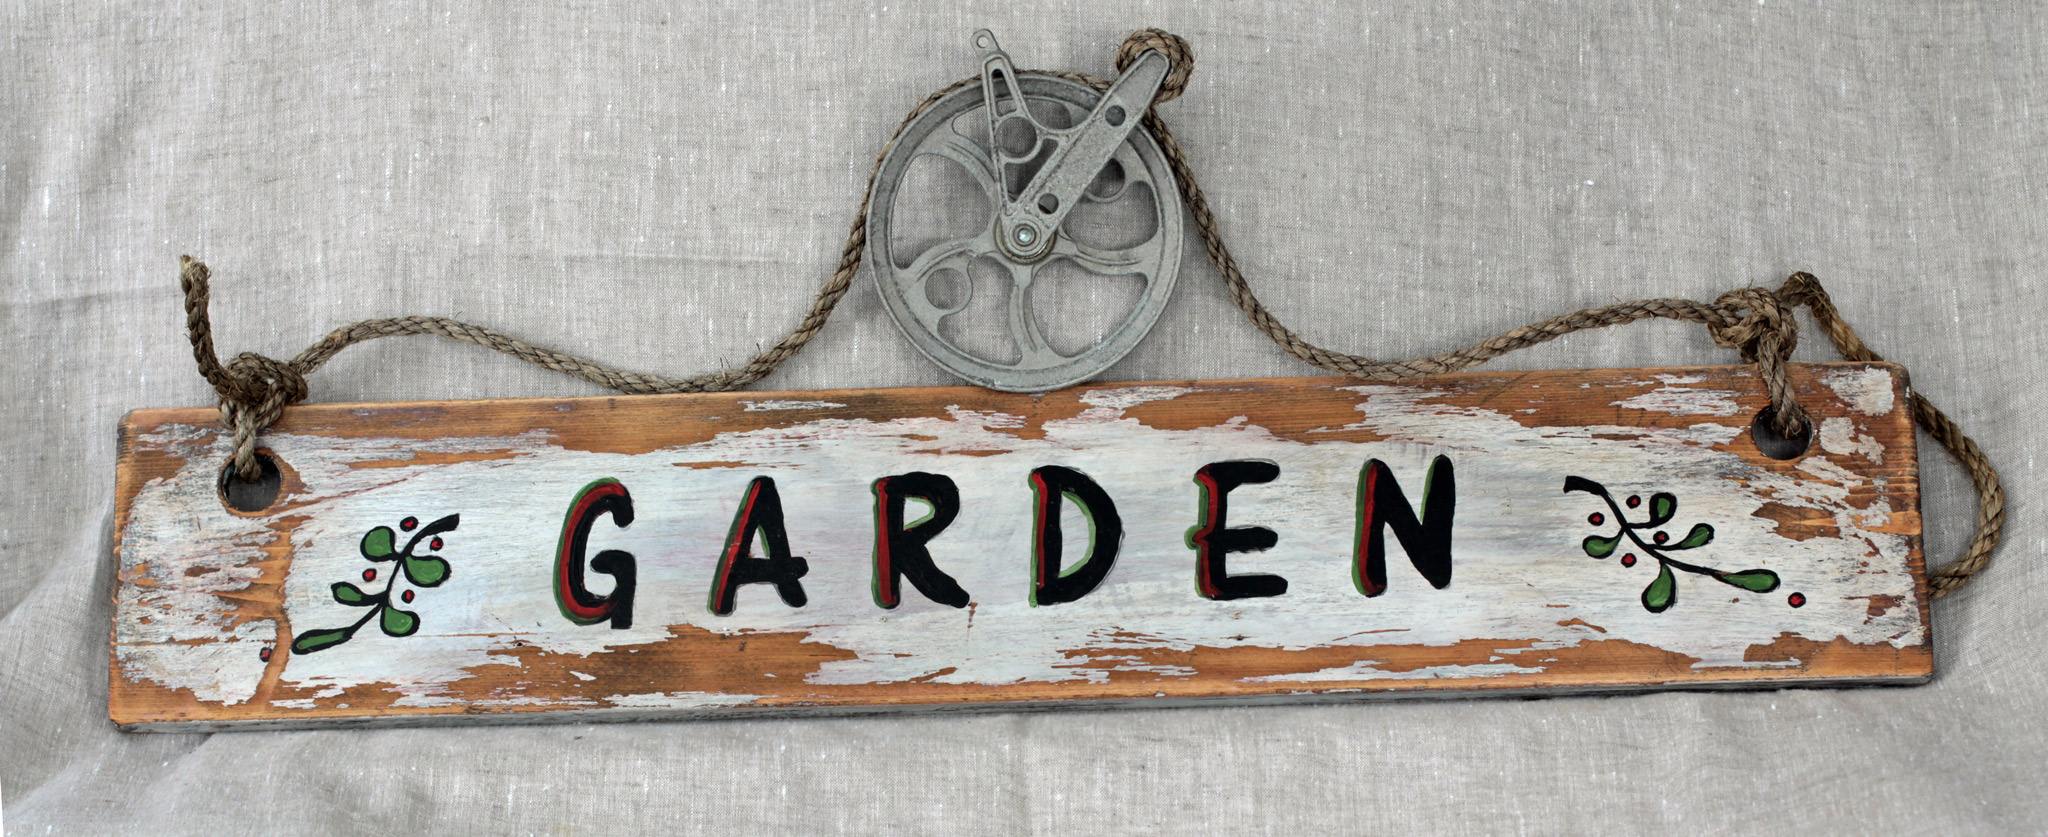 gardeneer-2100